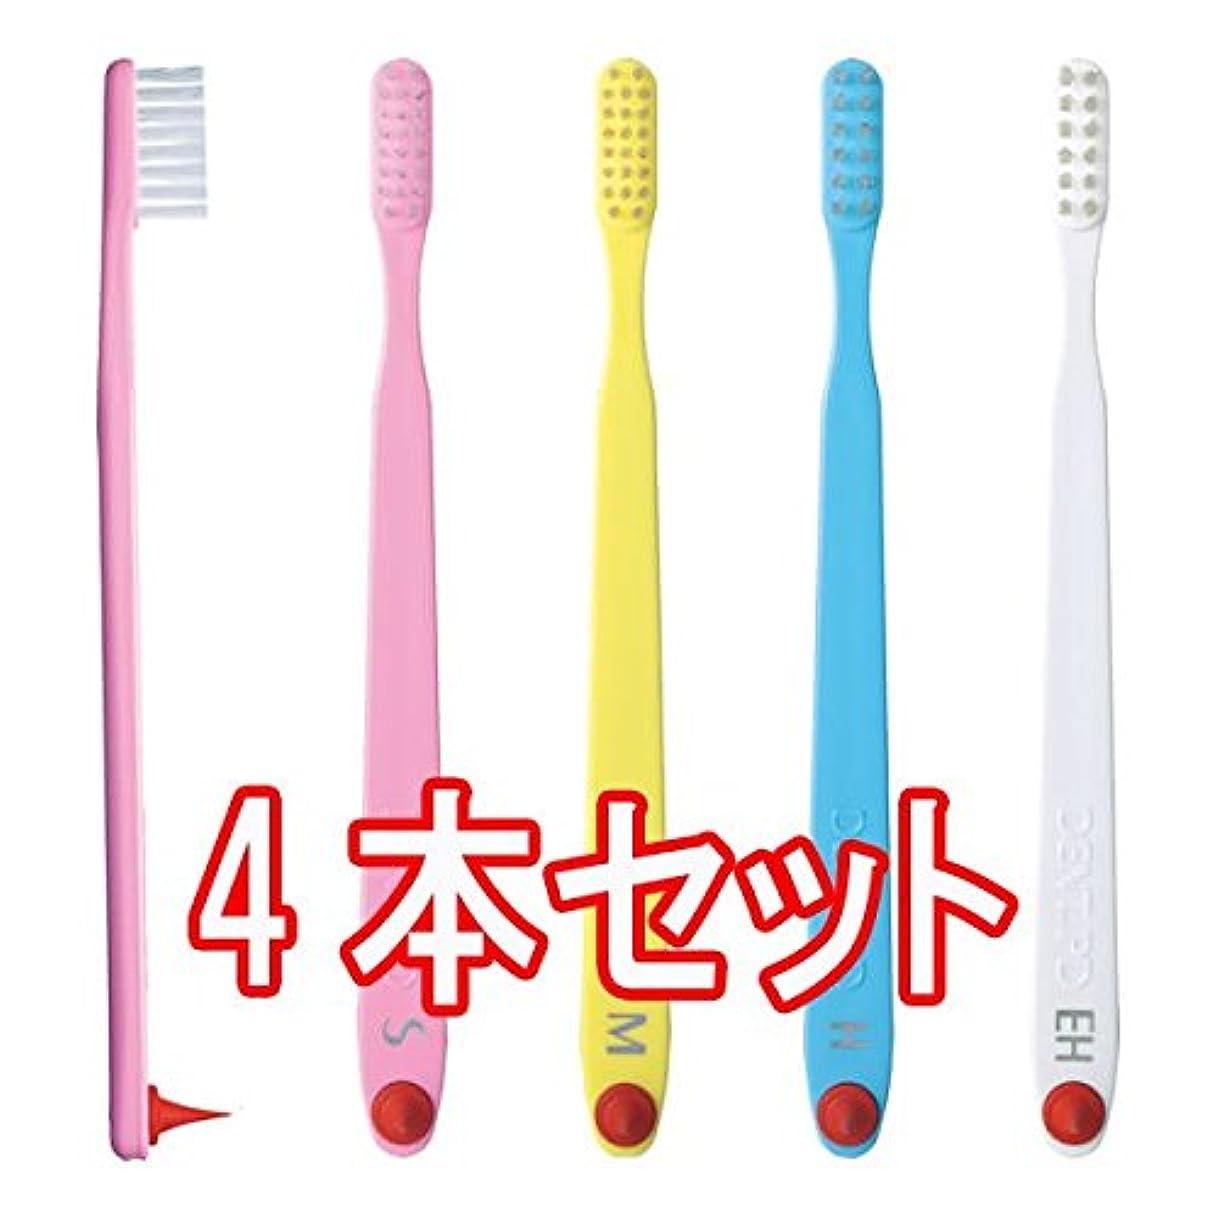 ライオン DENT.PD 歯ブラシ 4本入 (M)